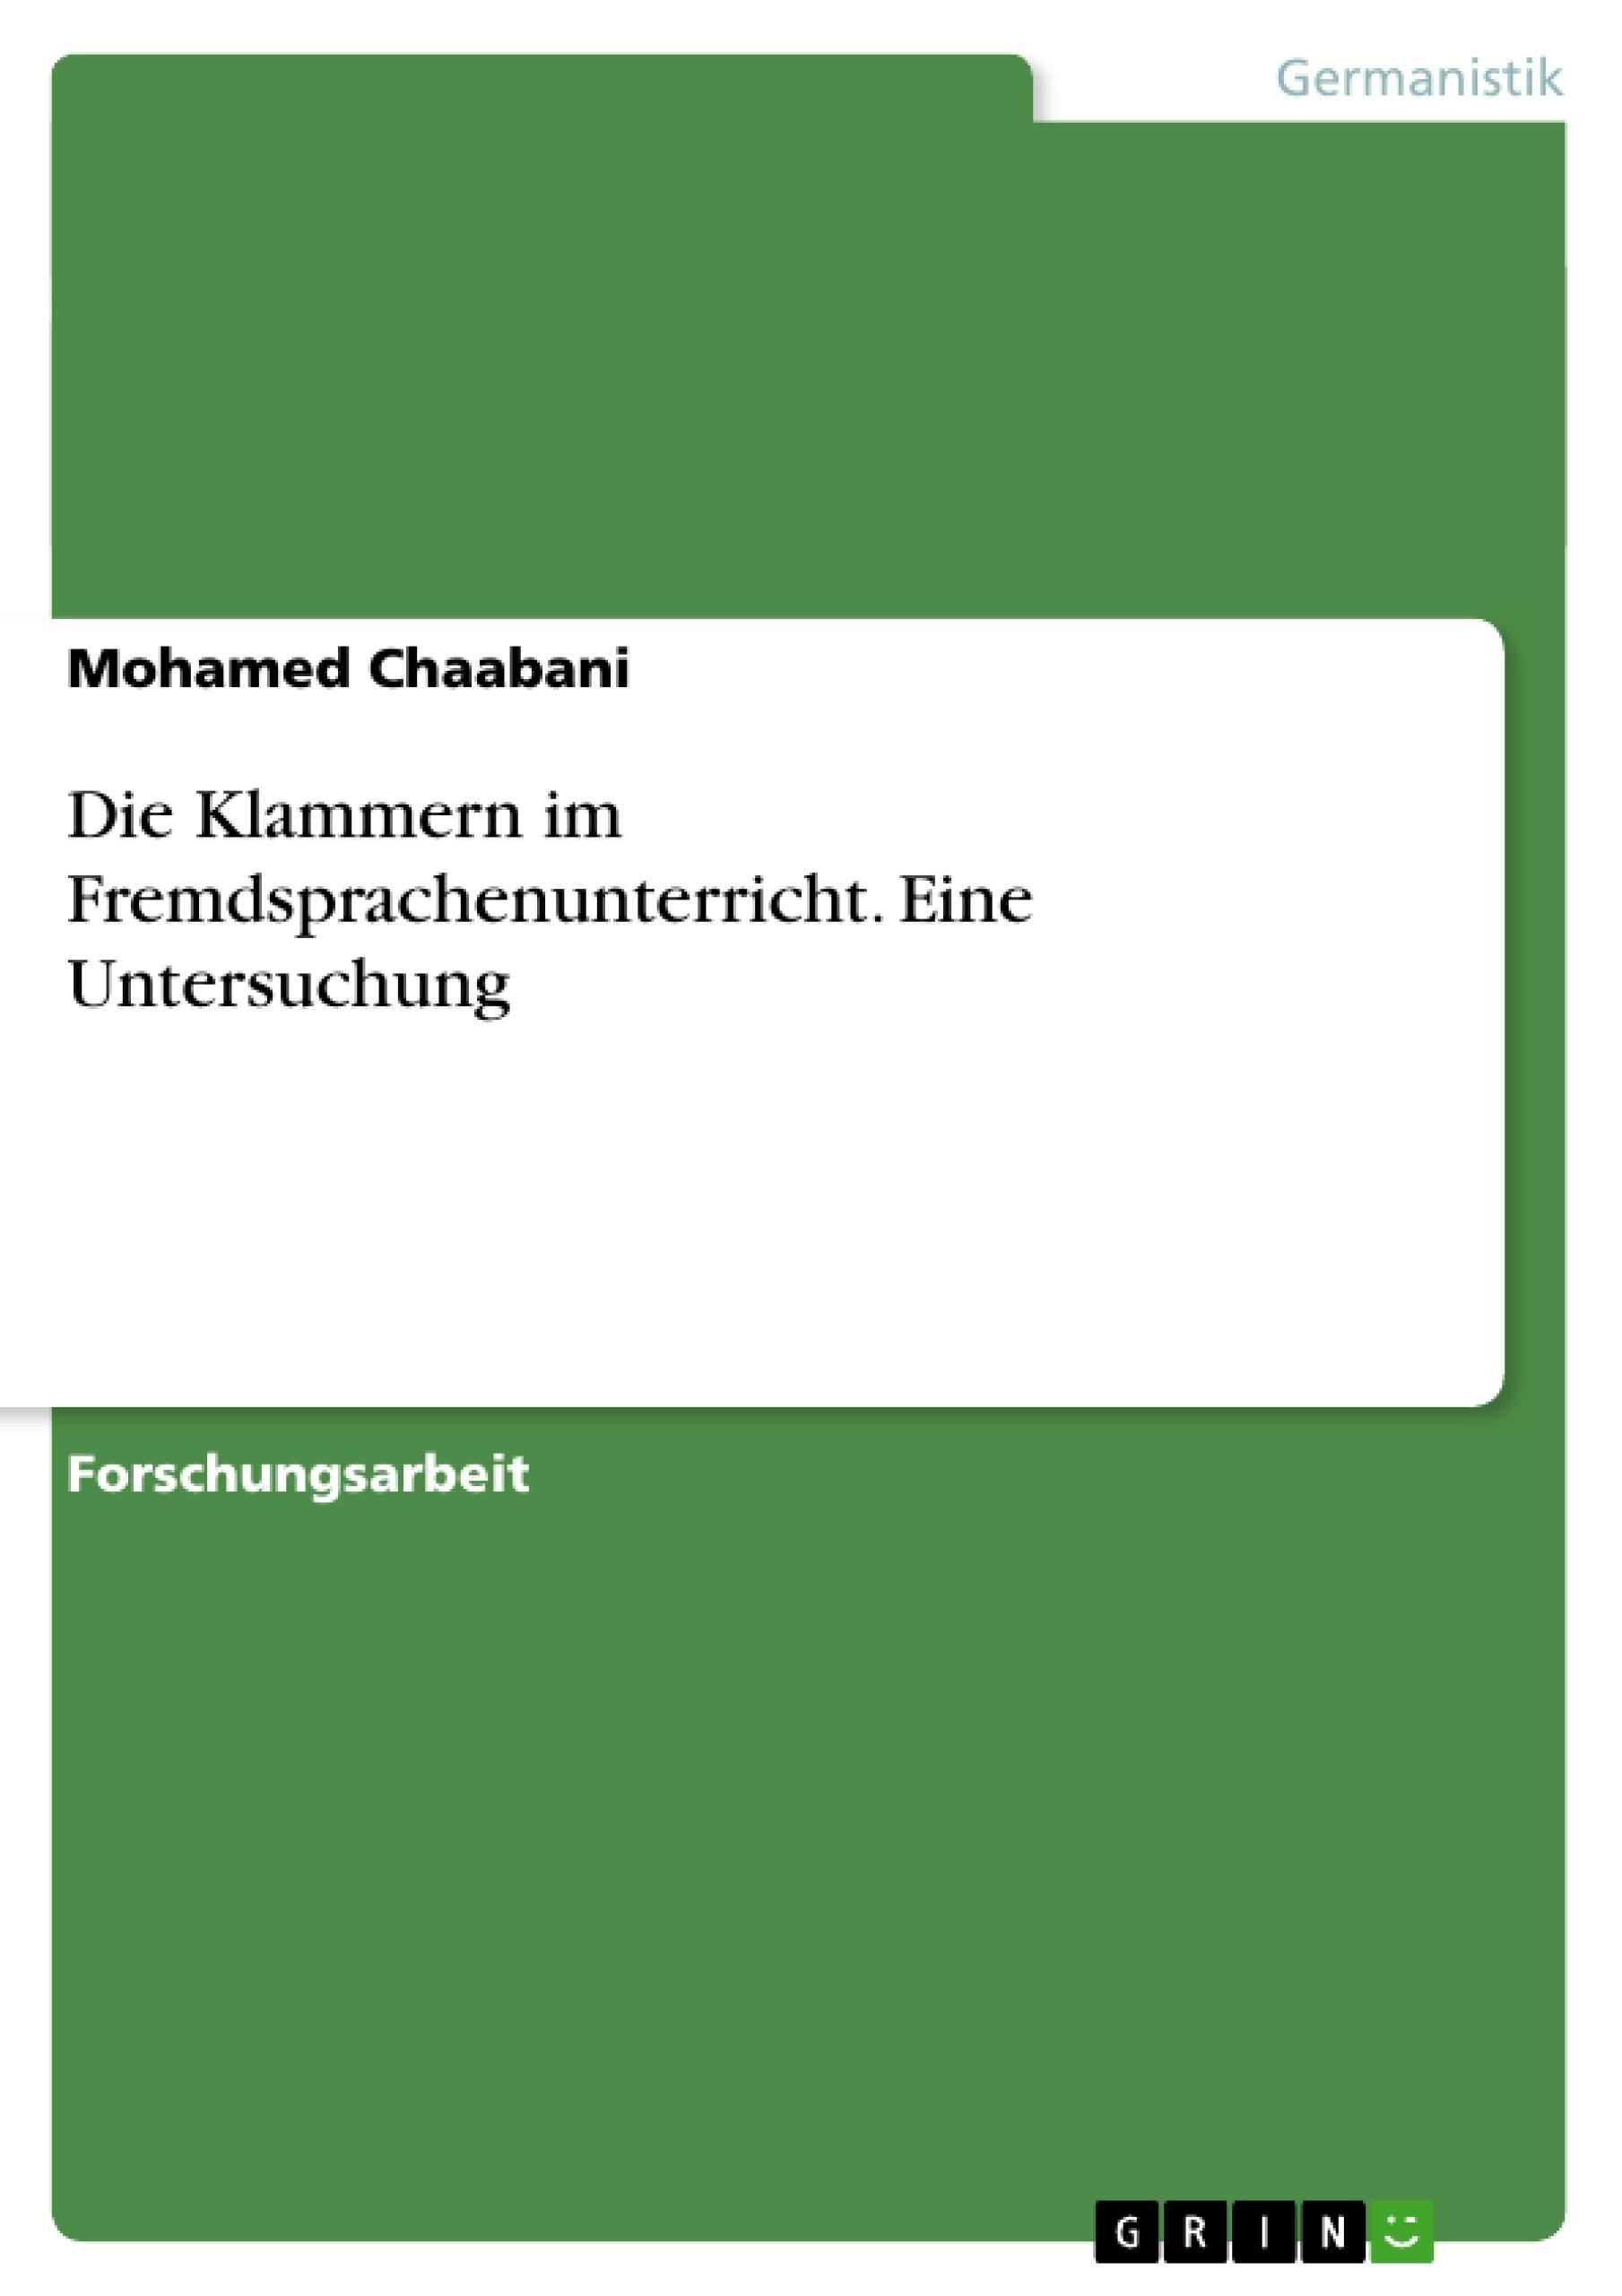 Titel: Die Klammern im Fremdsprachenunterricht. Eine Untersuchung